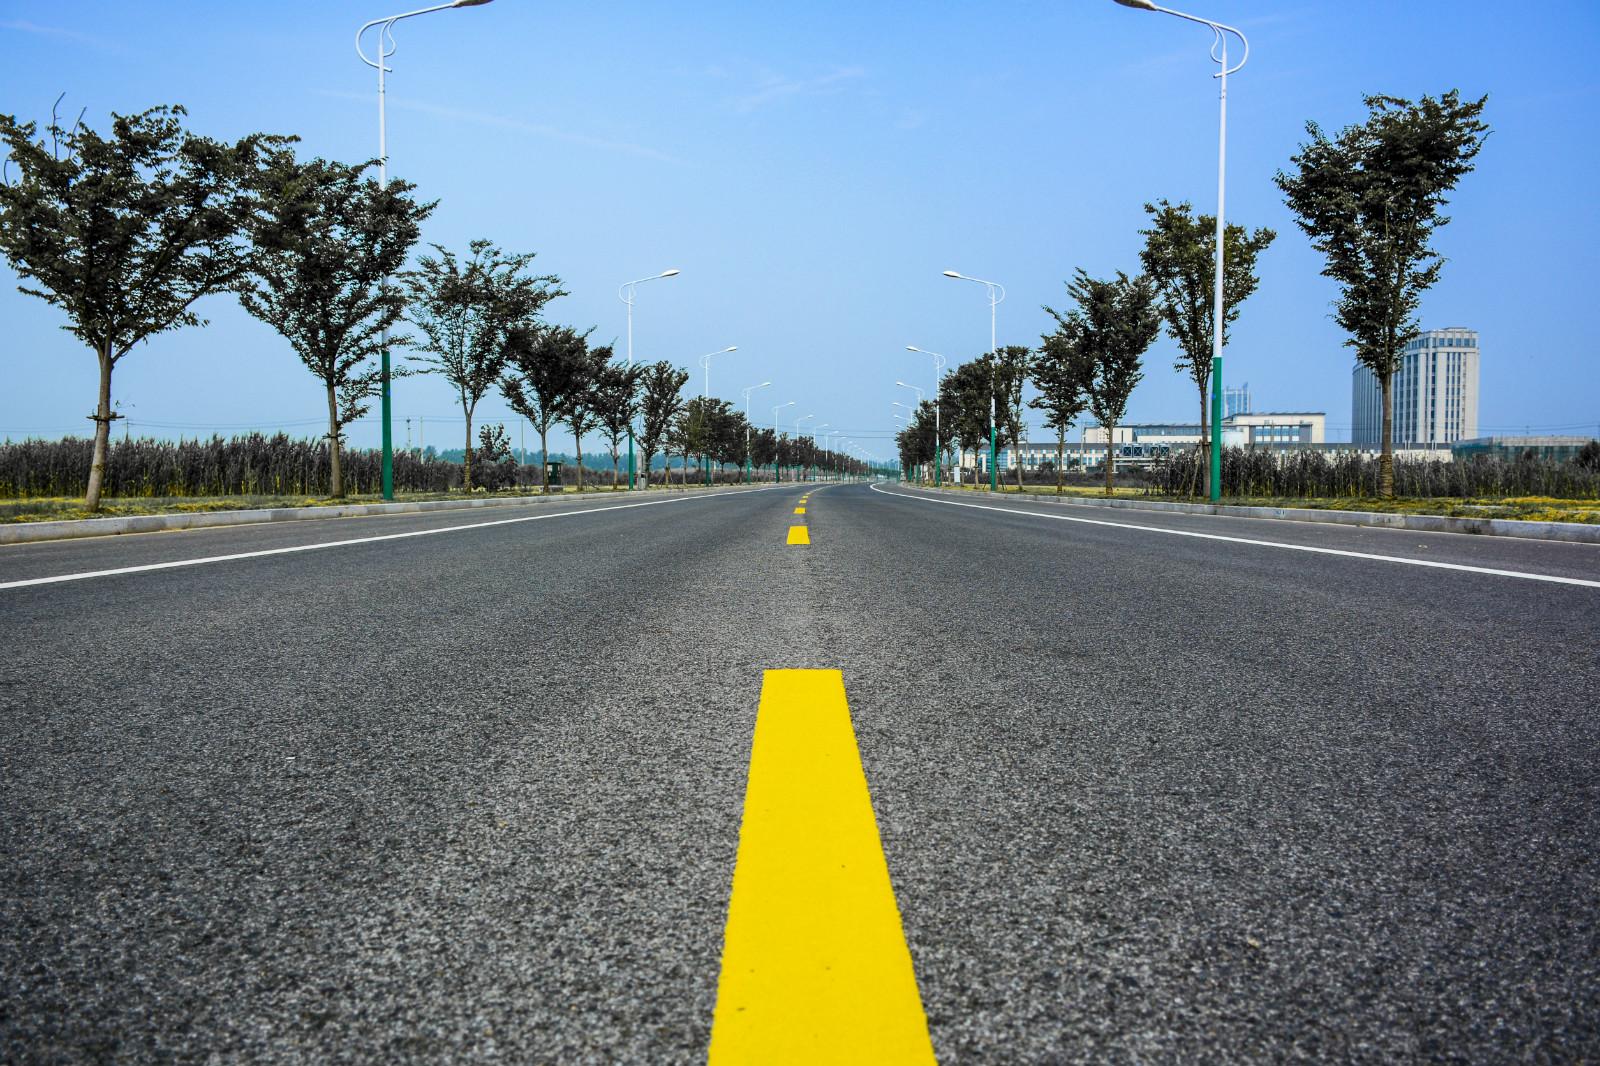 在天津代办营业执照的合伙制企业,有哪些税收优惠政策现行政策